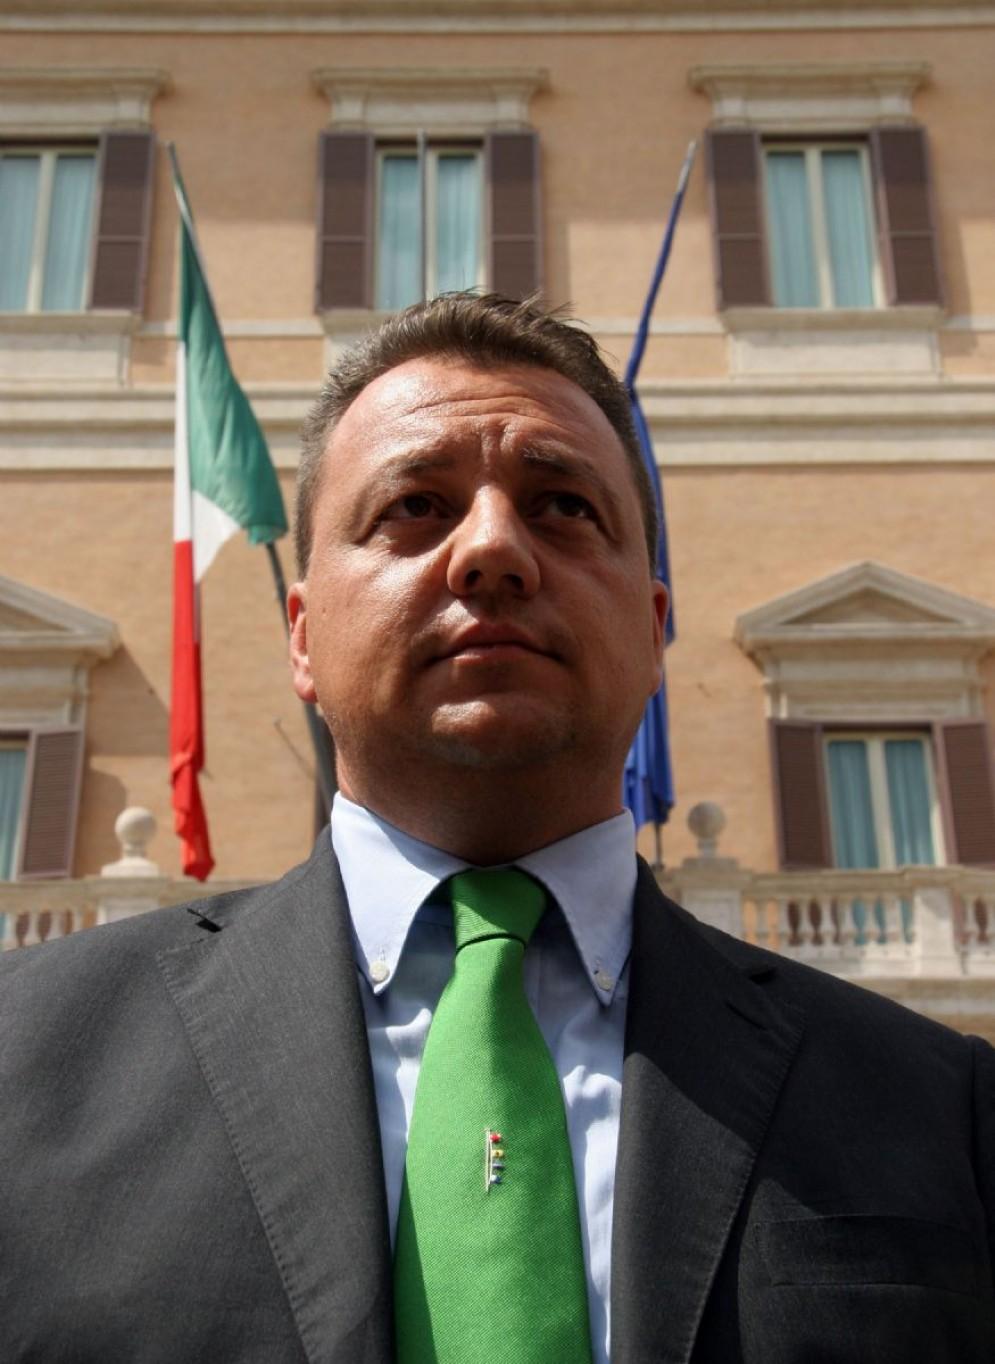 Giovanni Fava, assessore all'Agricoltura in Lombardia e sfidante di Matteo Salvini alle primarie del 14 maggio per scegliere il segretario della Lega Nord